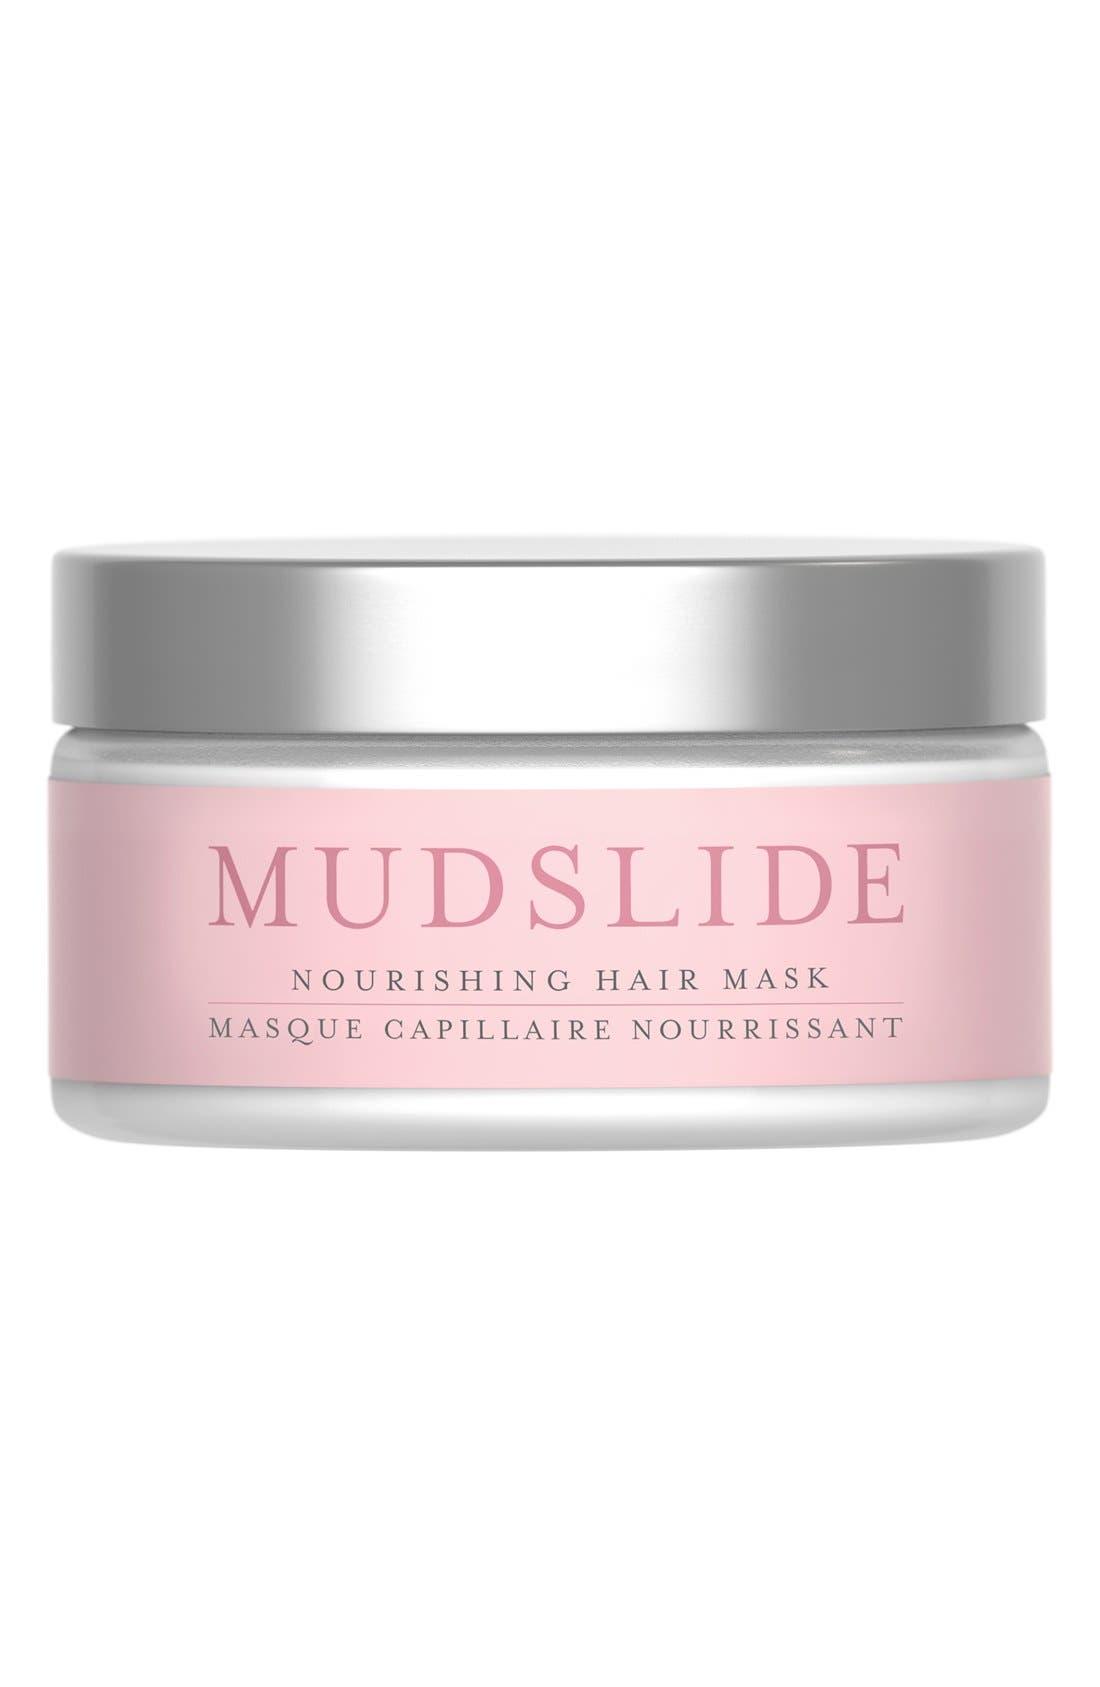 Drybar 'Mudslide' Nourishing Hair Mask